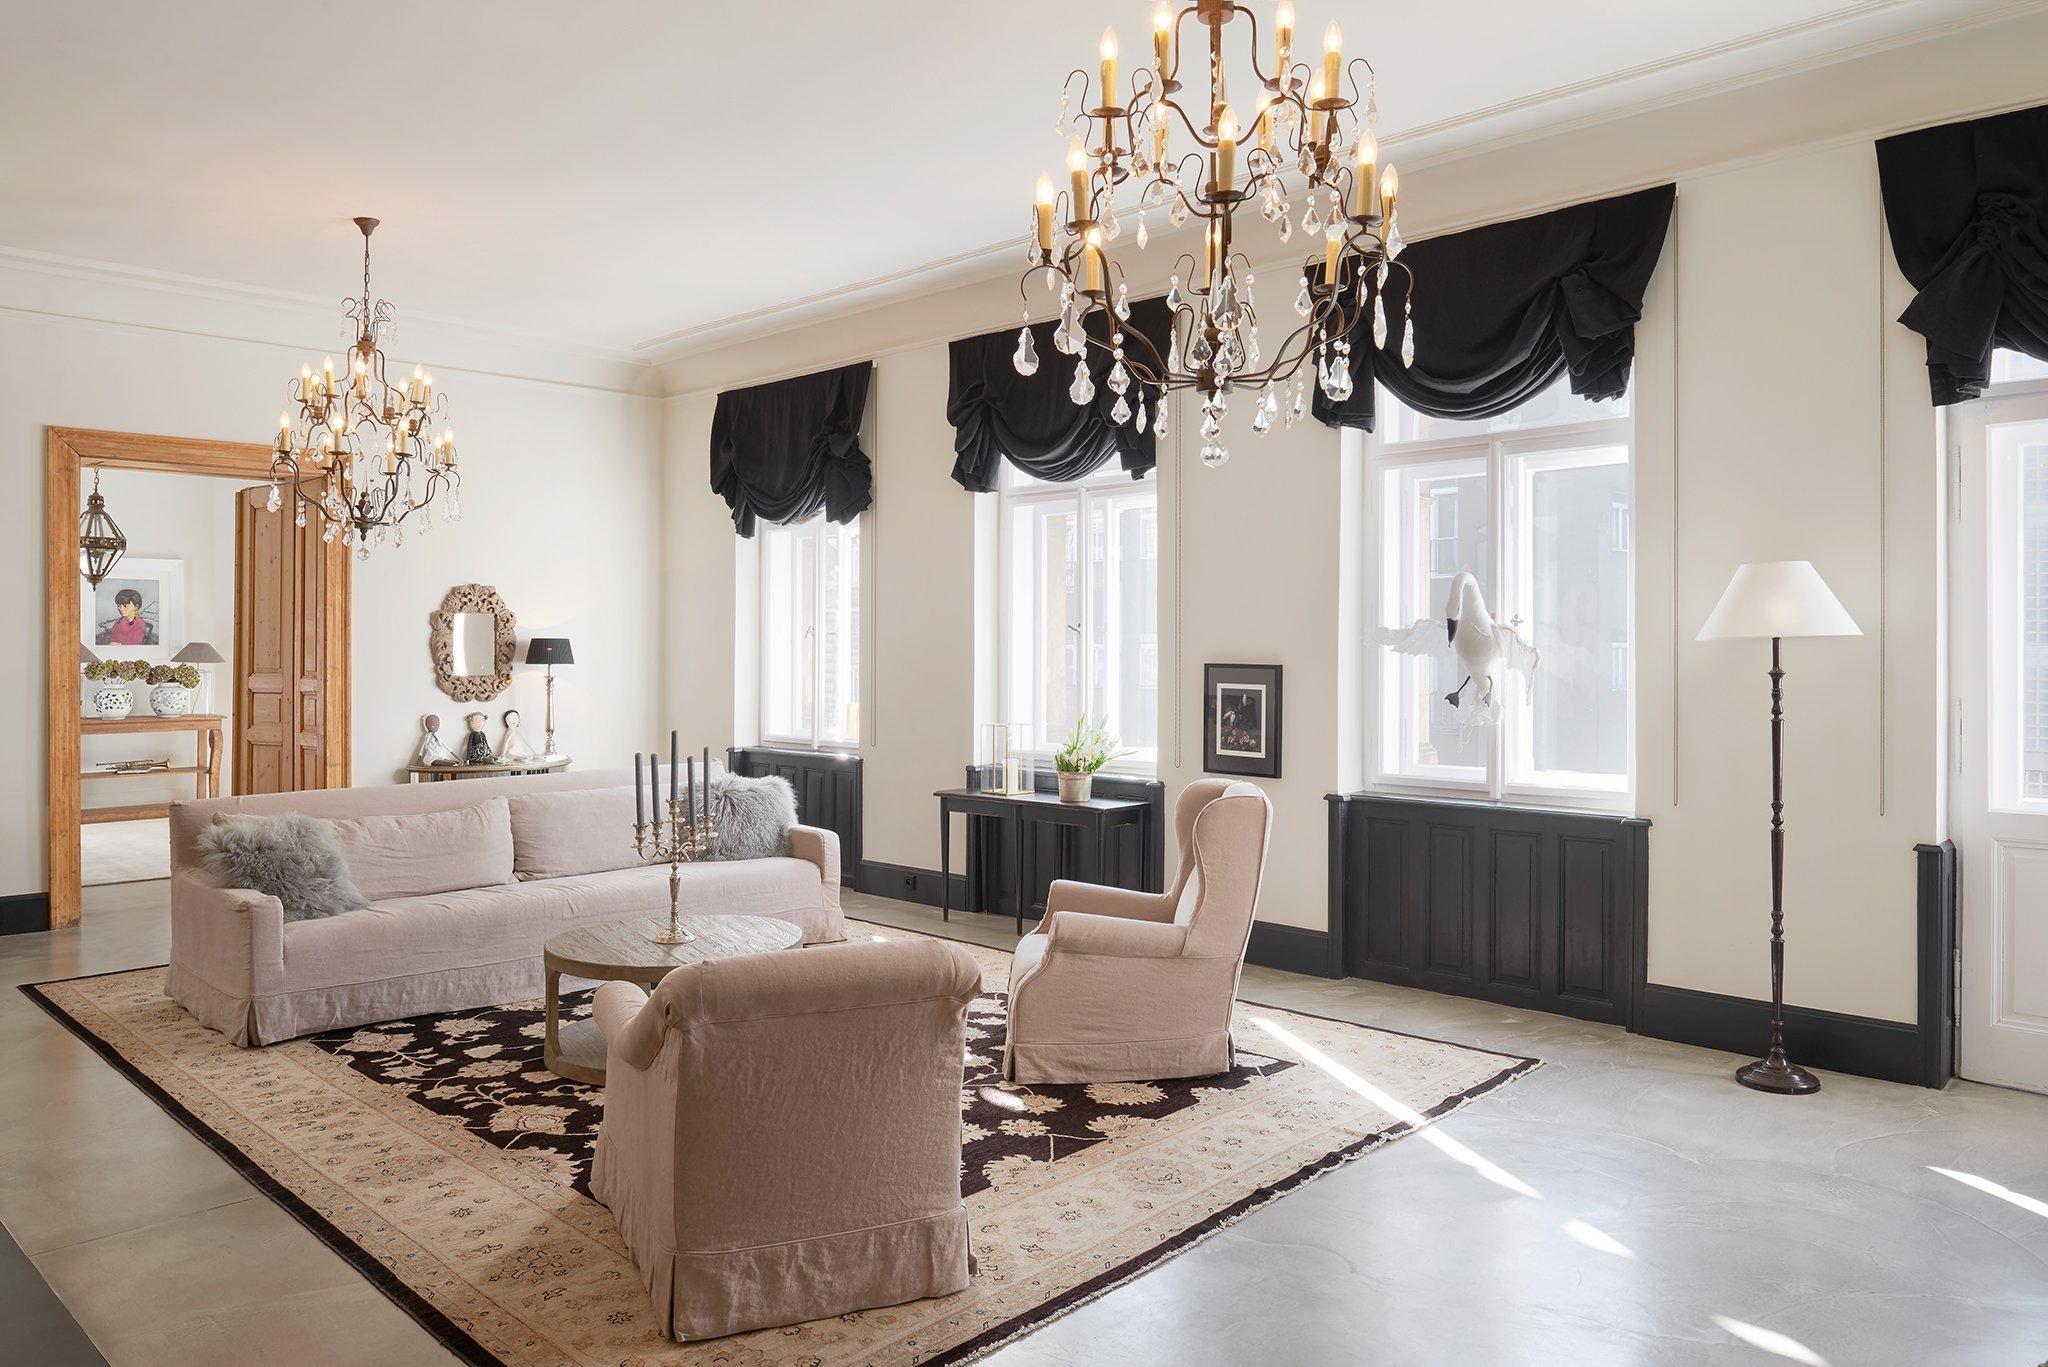 Kompletně zrekonstruovaný velkorysý byt s balkonem a výhledem na Pražský hrad, situovaný ve 2. patře udržovaného renovovaného činžovního domu s výtahem. Byt se…